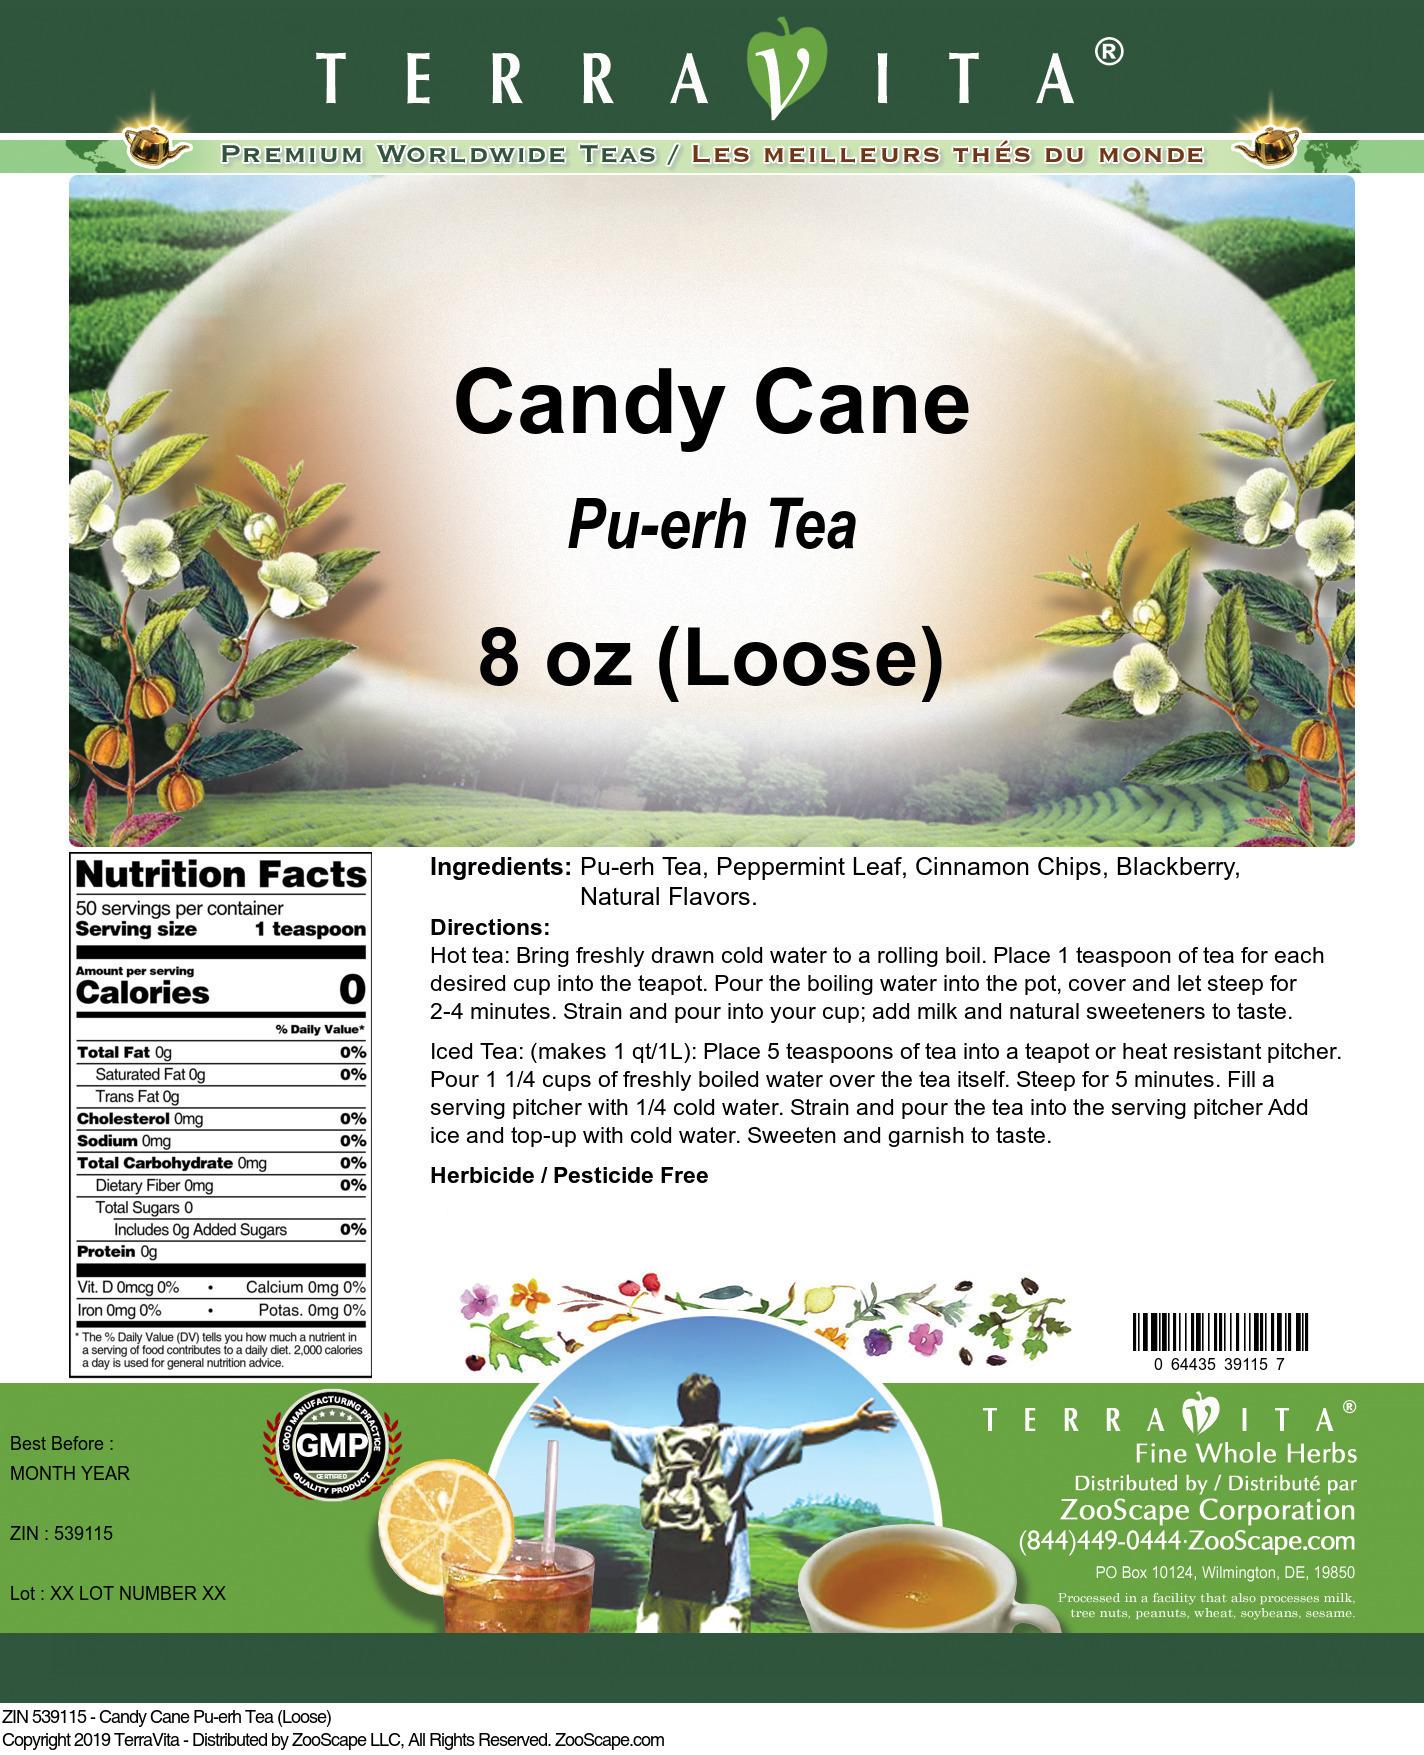 Candy Cane Pu-erh Tea (Loose)